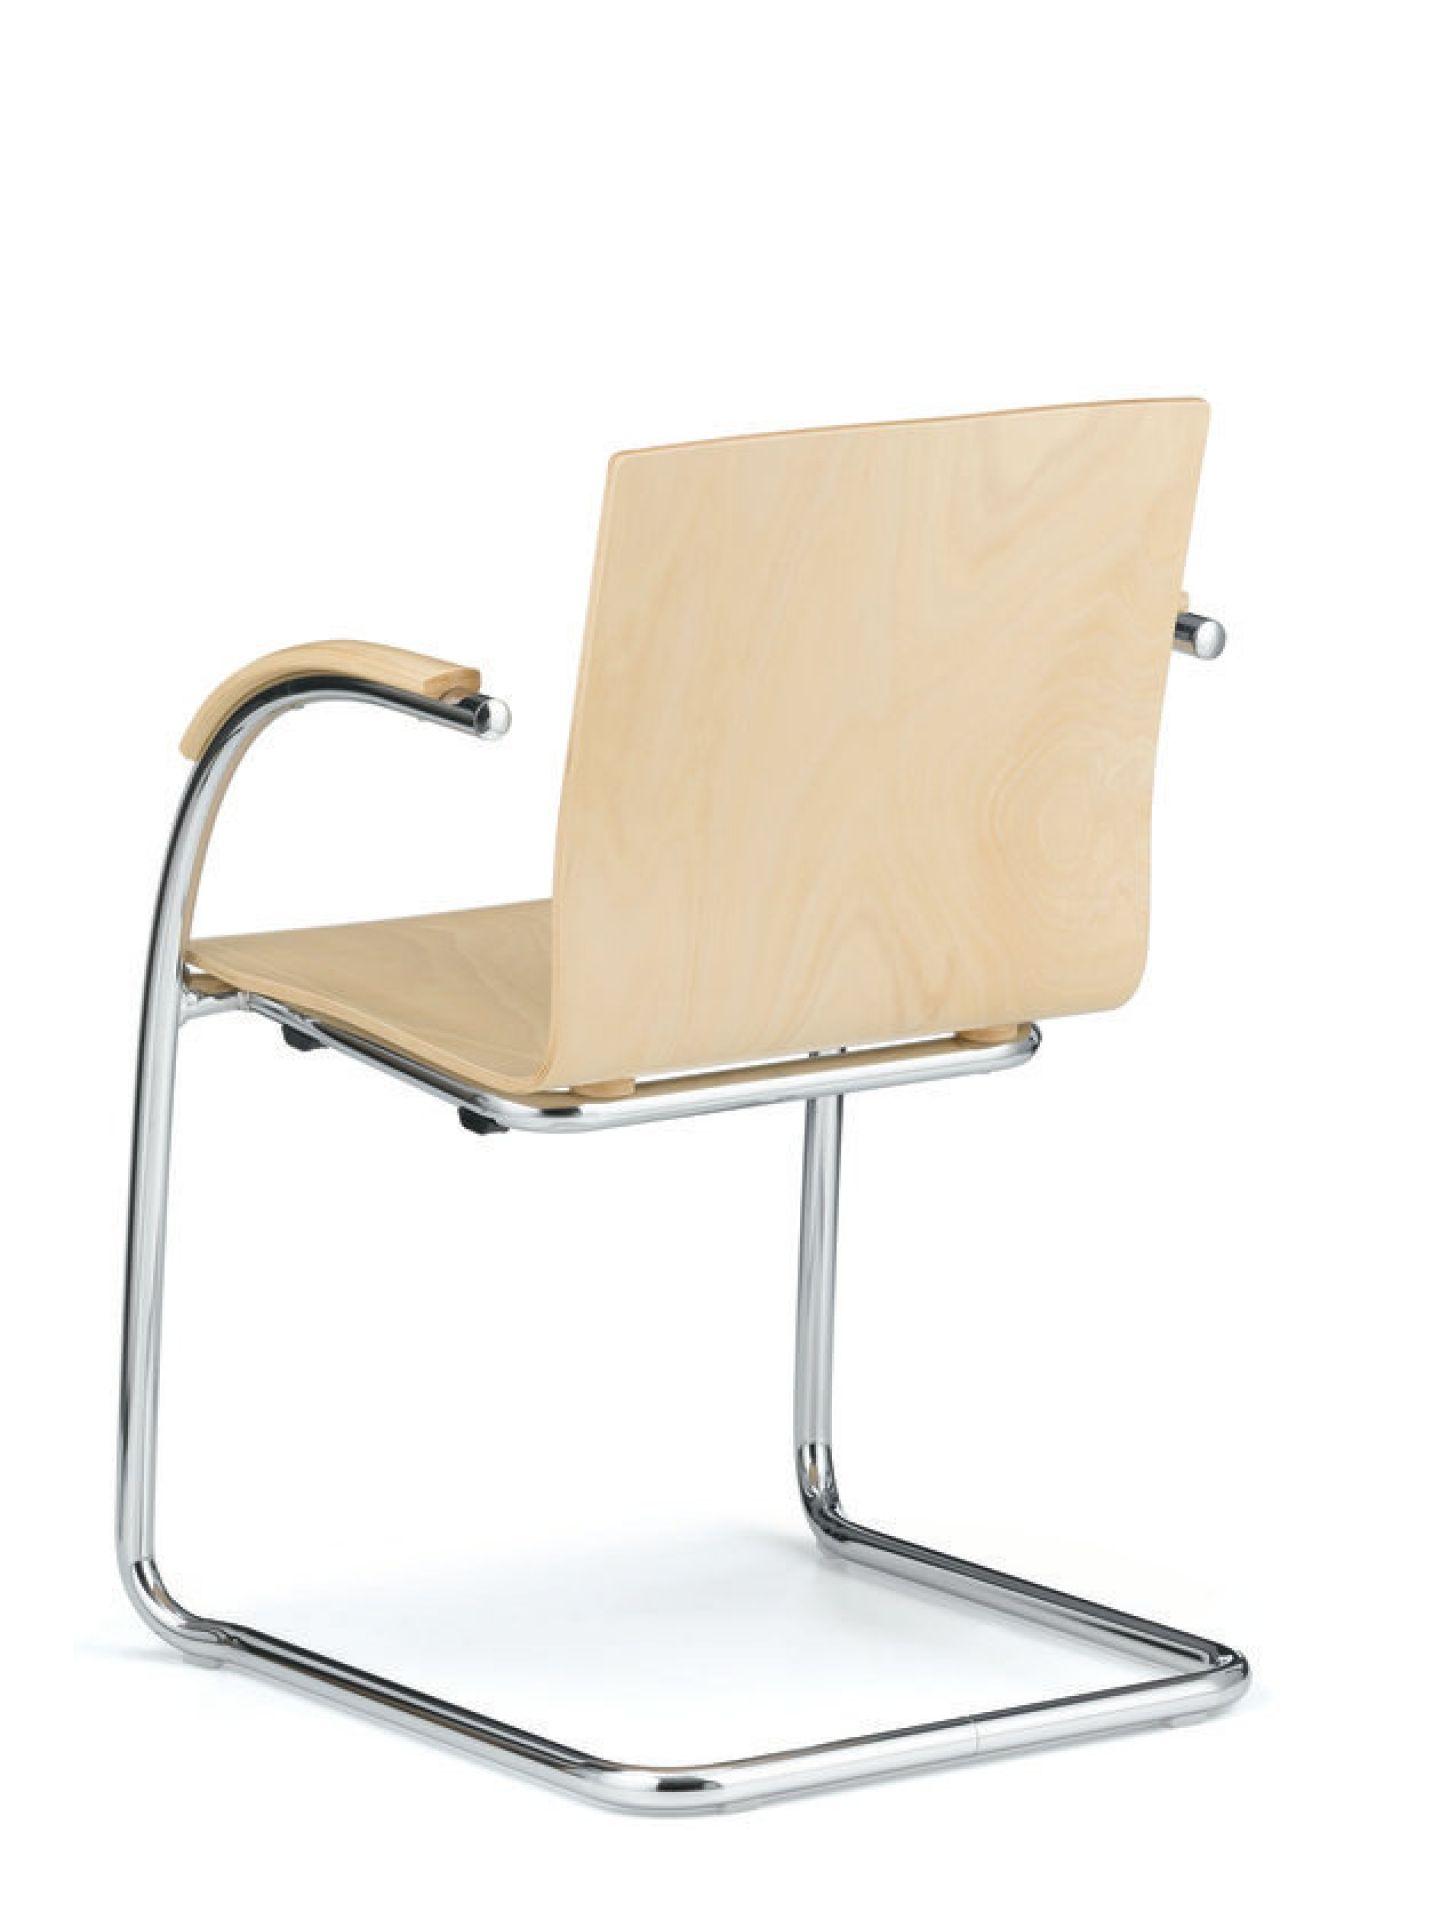 Athos Freischwinger durchgehende Sitzschale L&C Stendal